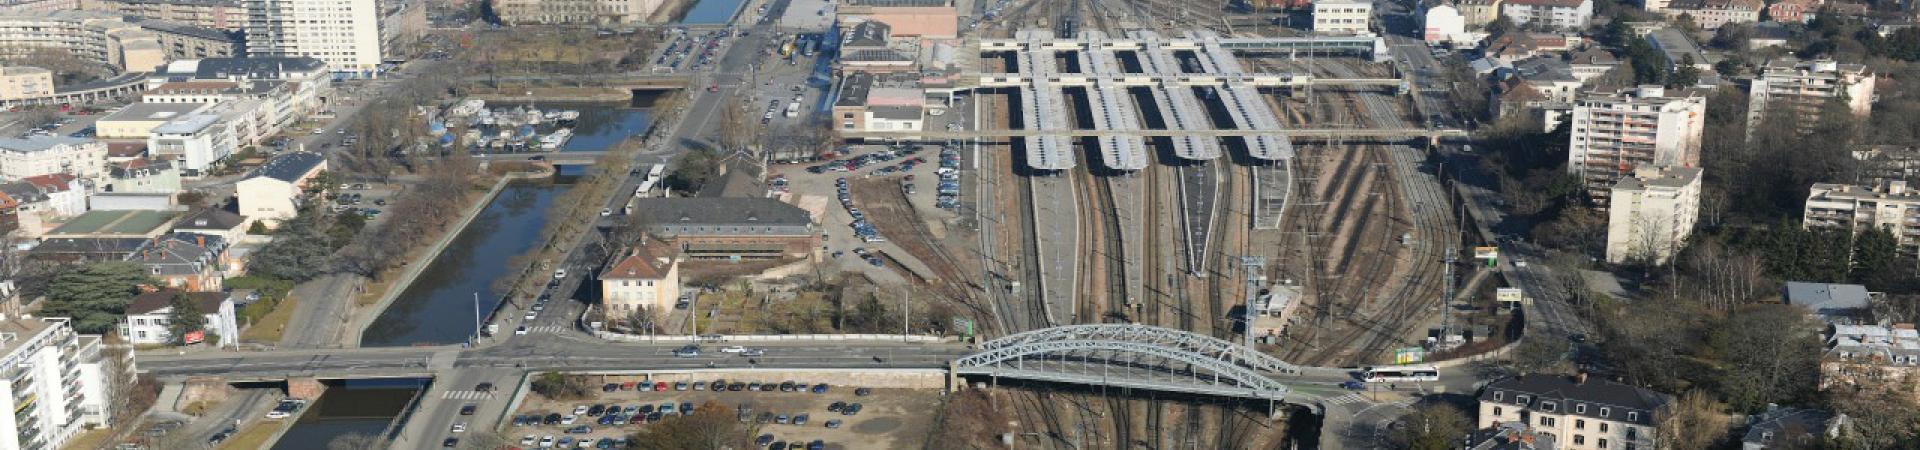 Modernisation du nœud ferroviaire de Mulhouse